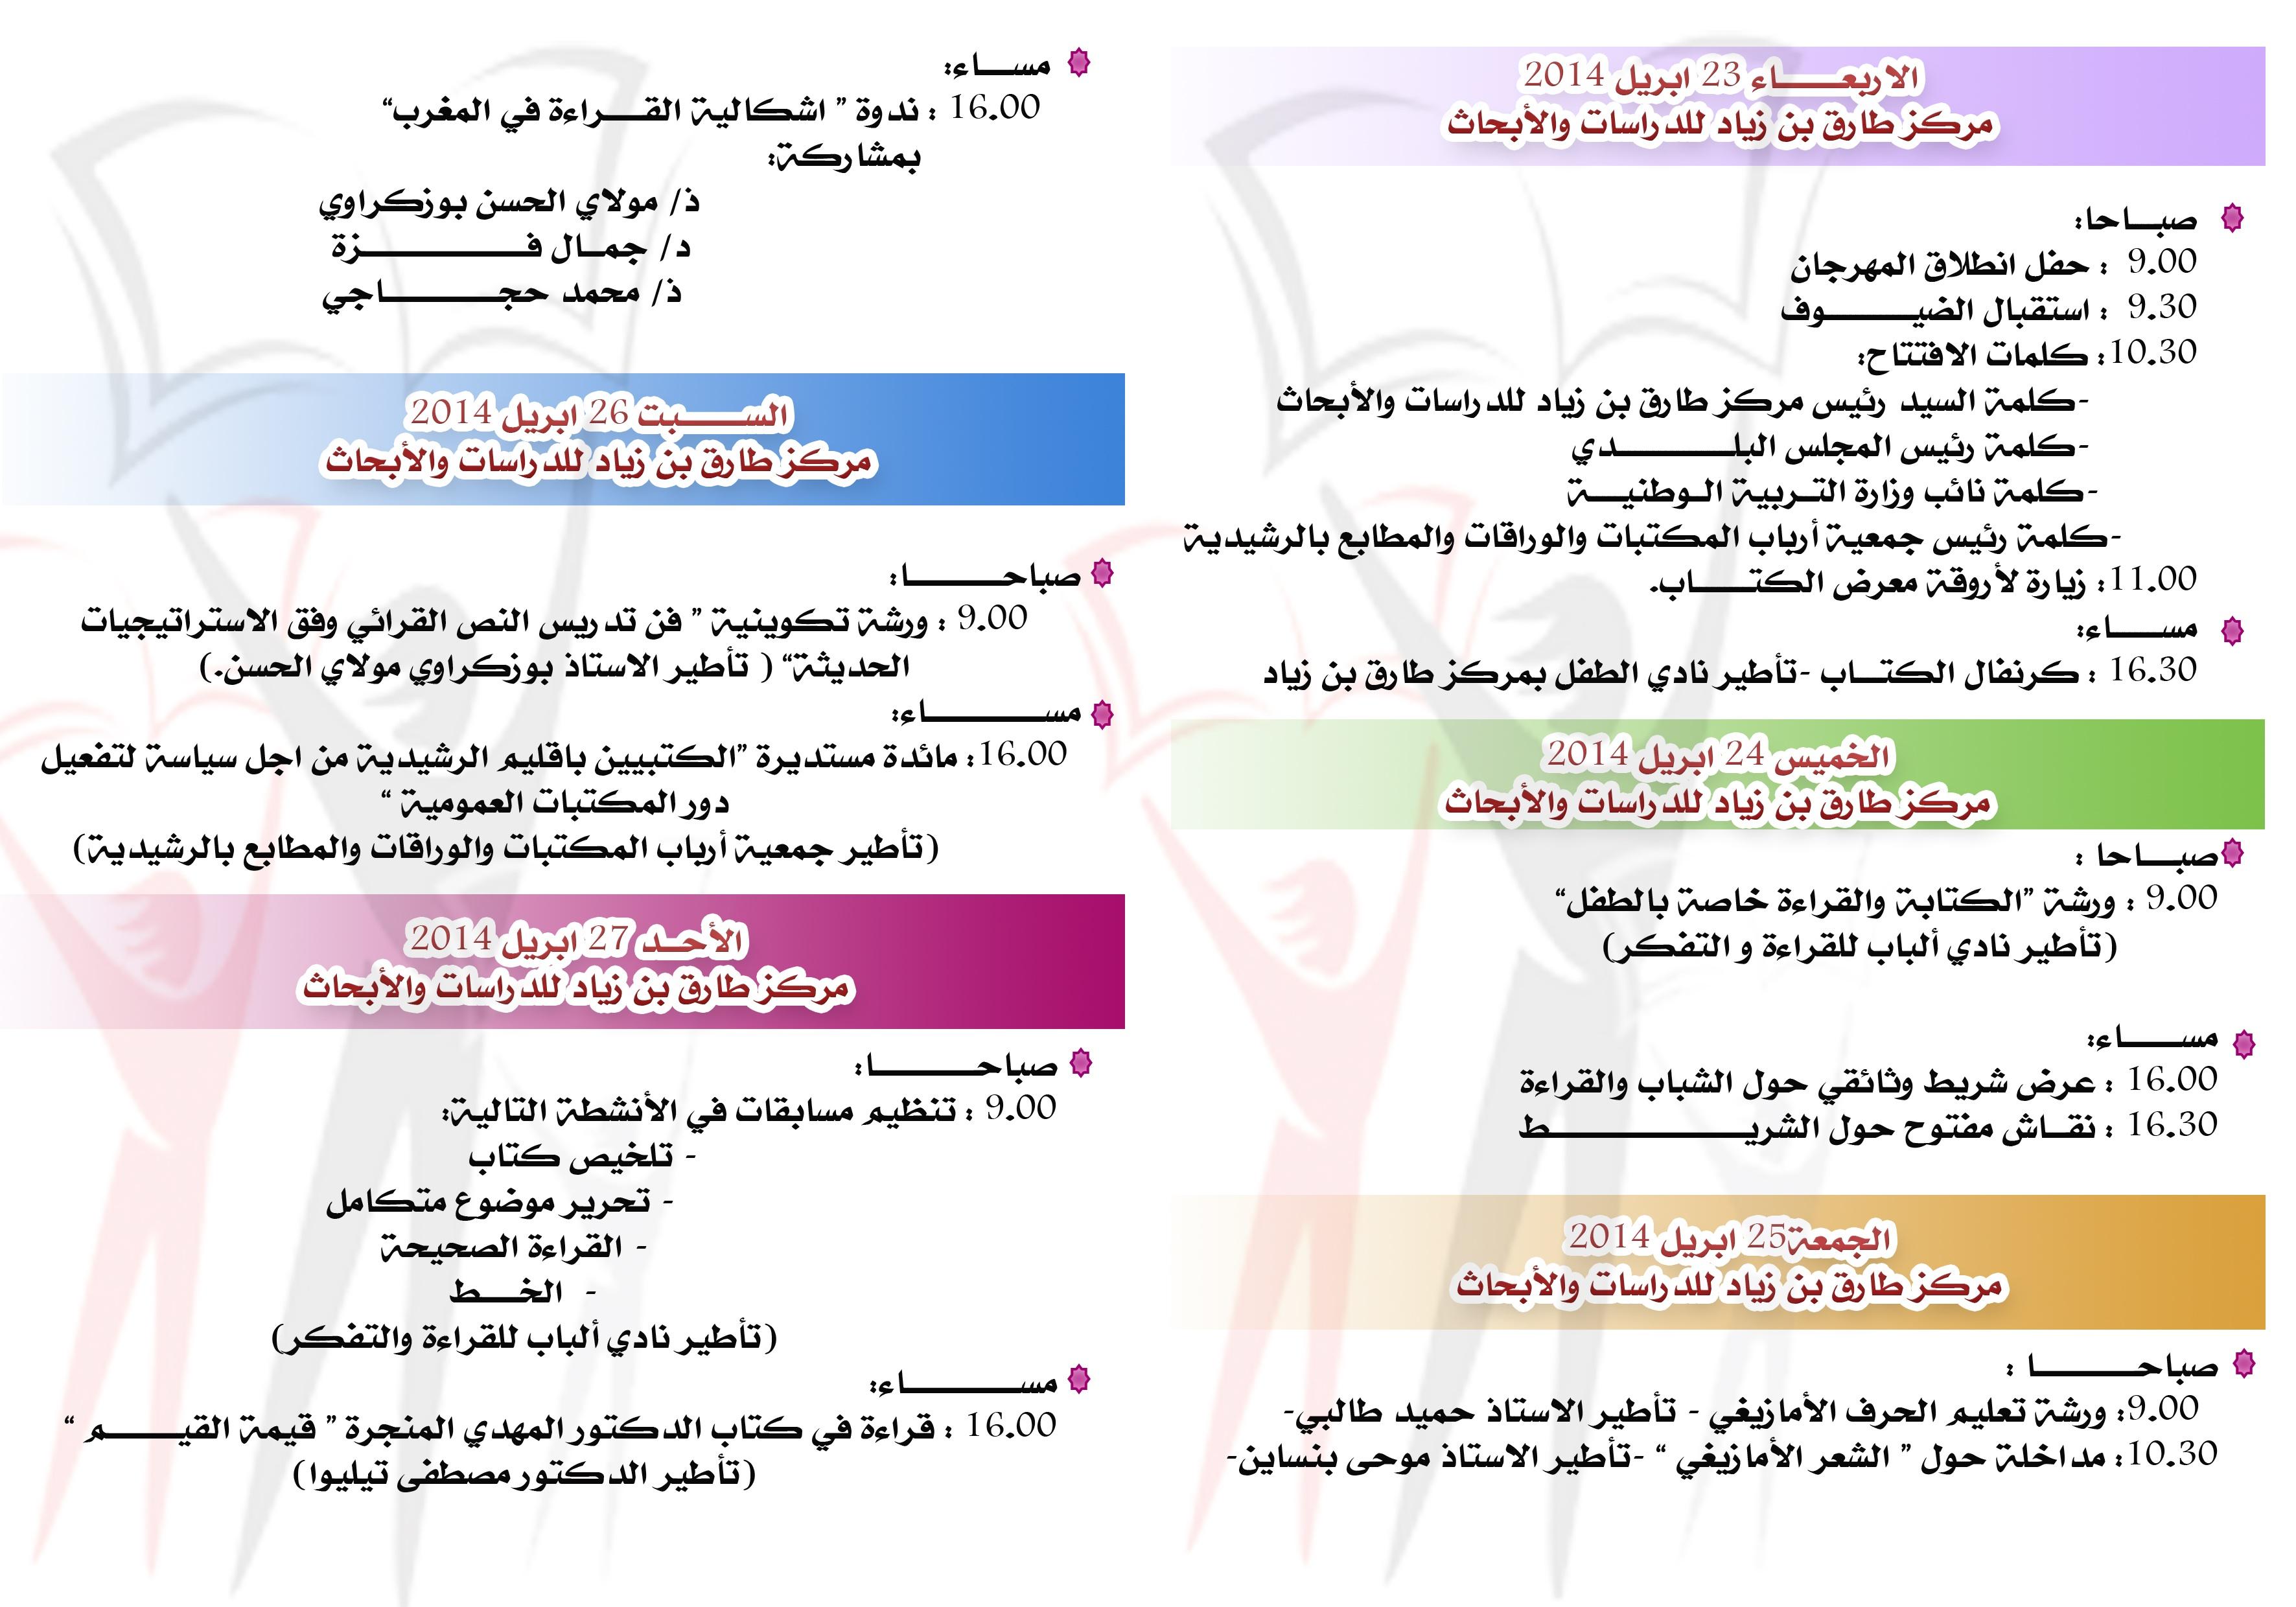 مهرجان القراءة والكتاب بمركز طارق بن زياد للدراسات والأبحاث بالرشيدية